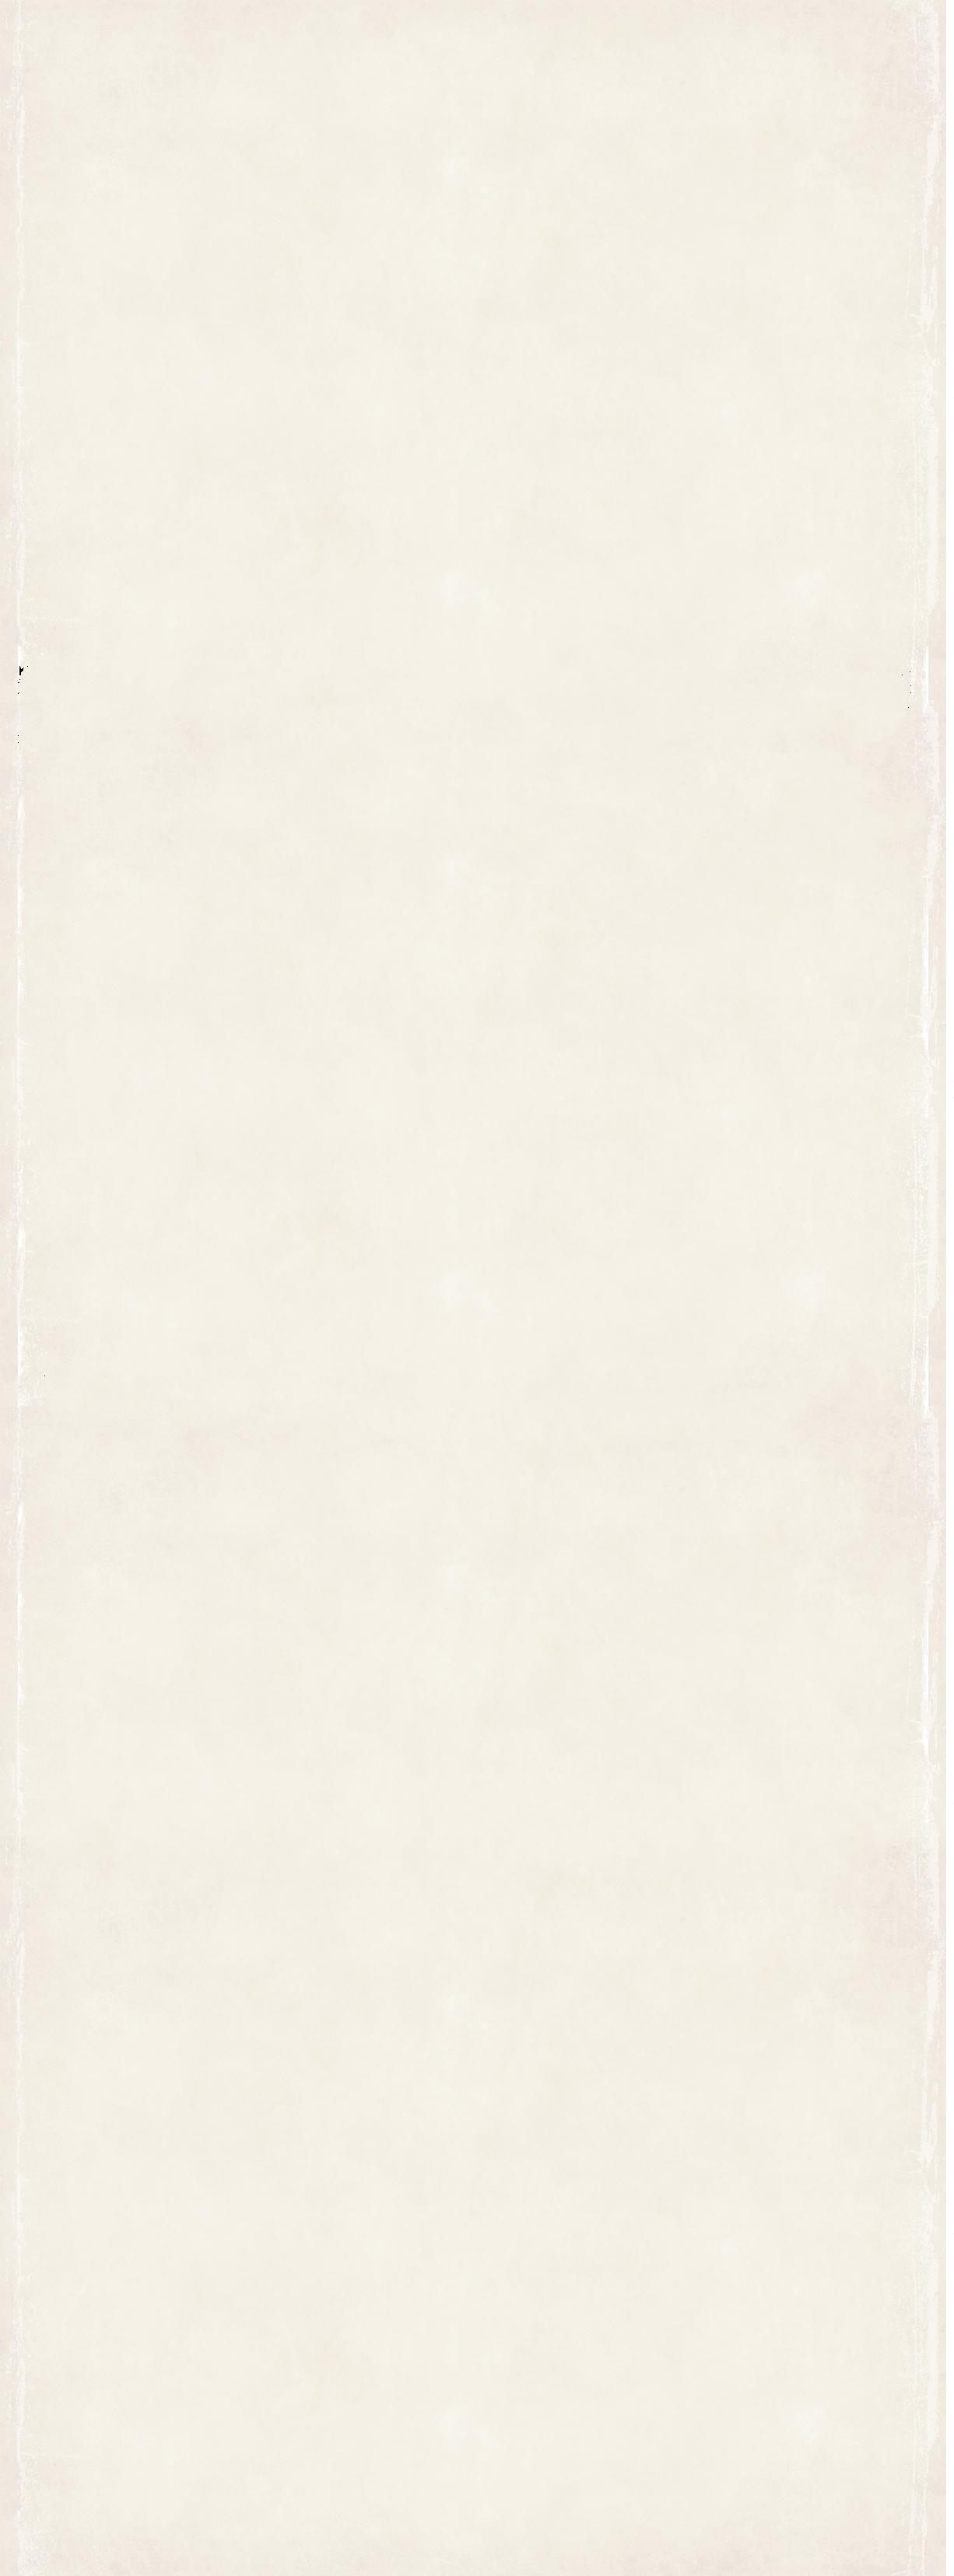 Grungeframe_white_03_longer.png